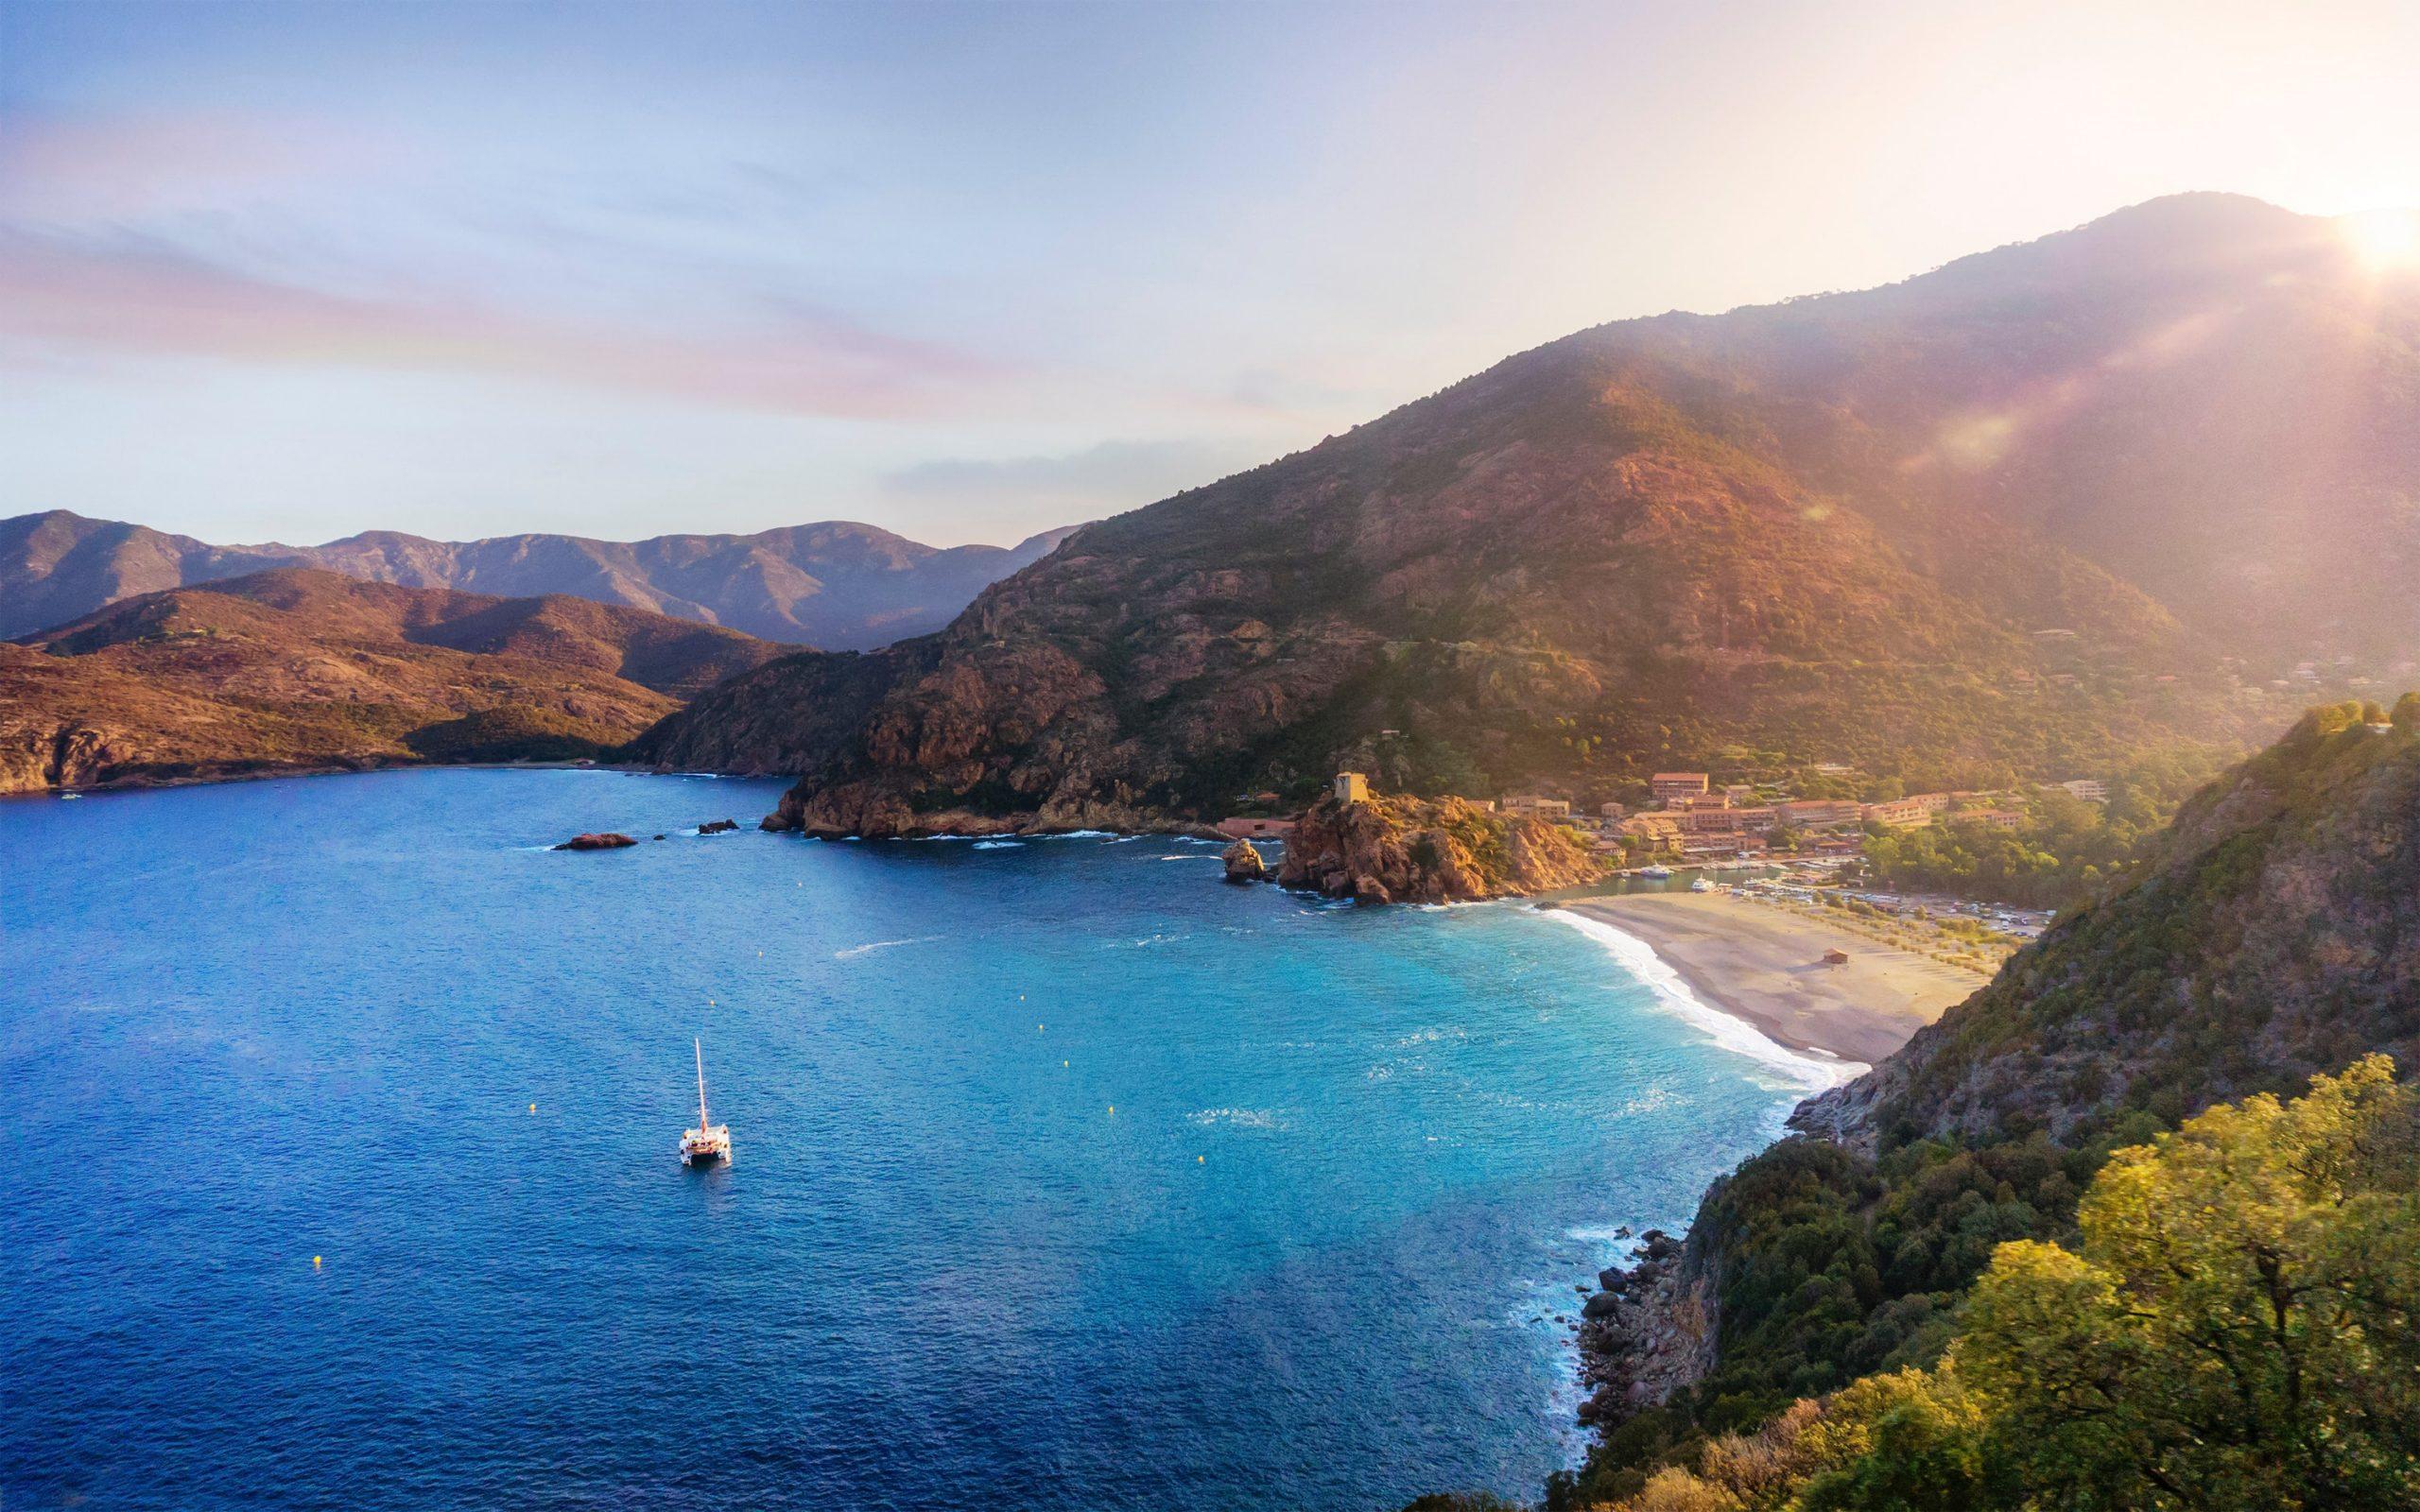 Dorf in den Bergen und in einer Bucht auf Korsika